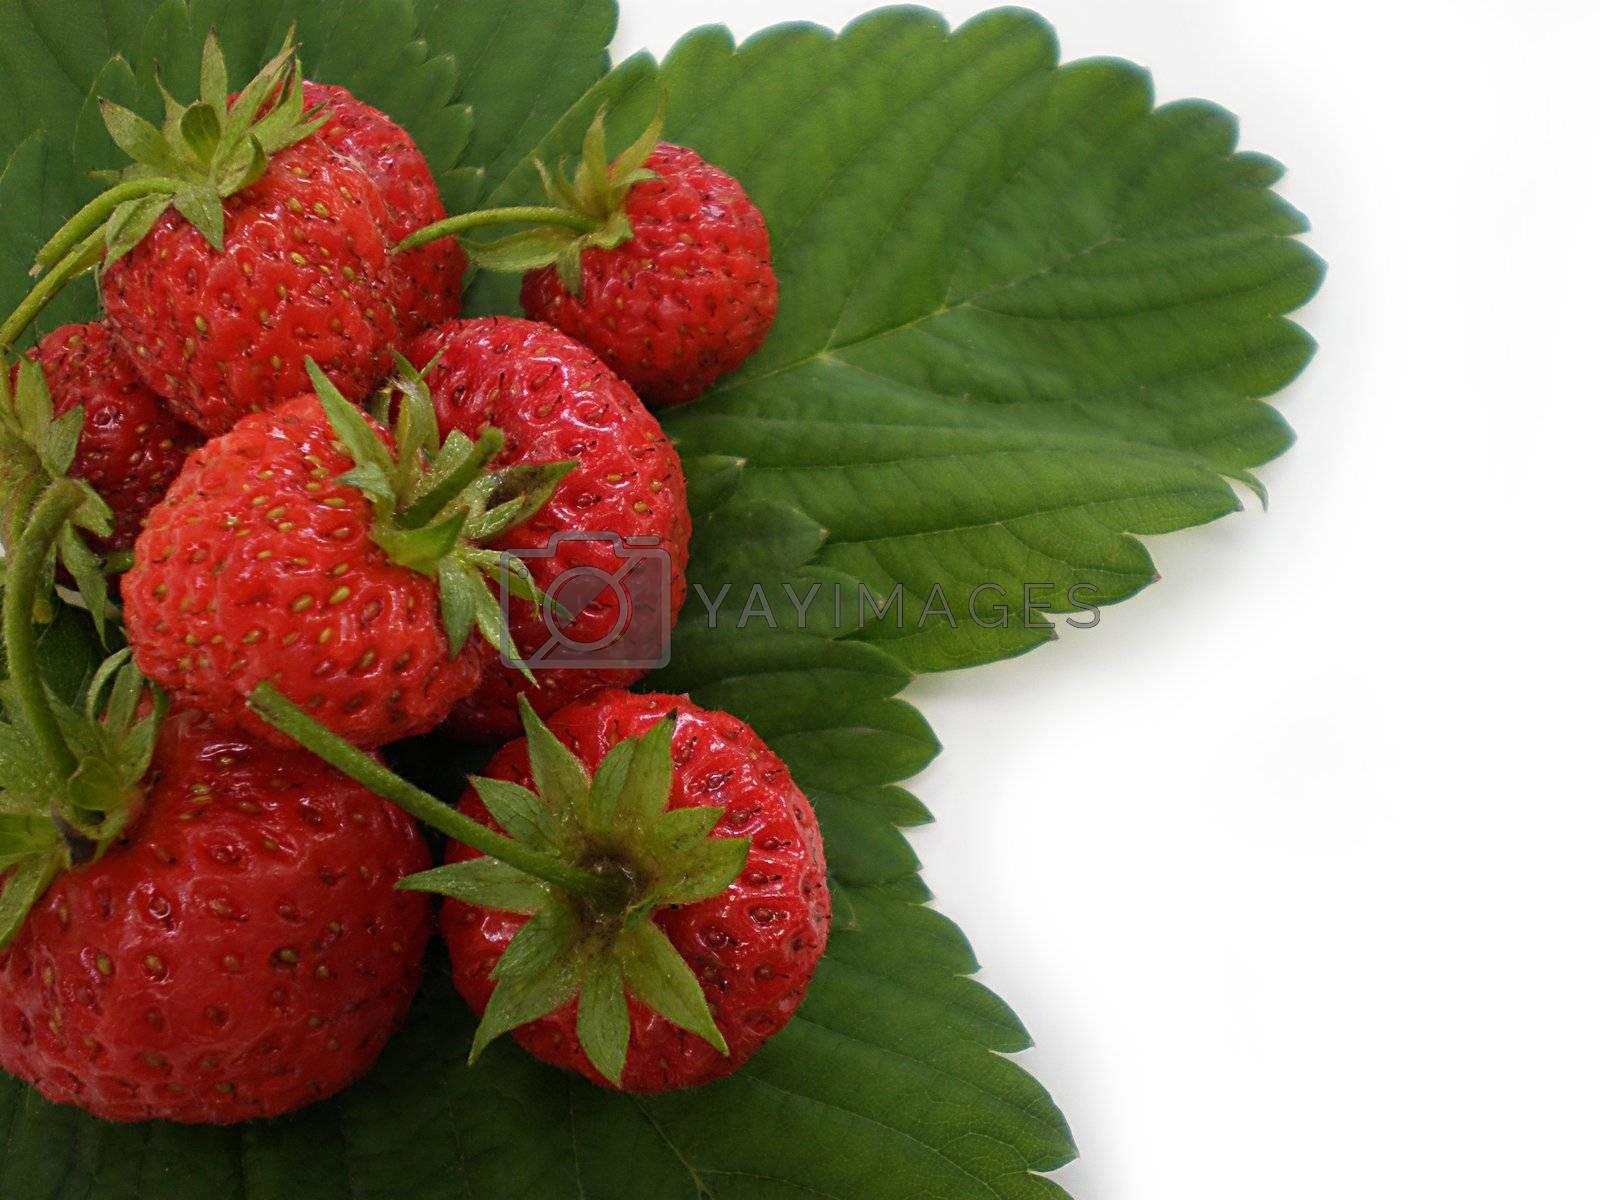 strawberries by Dessie_bg